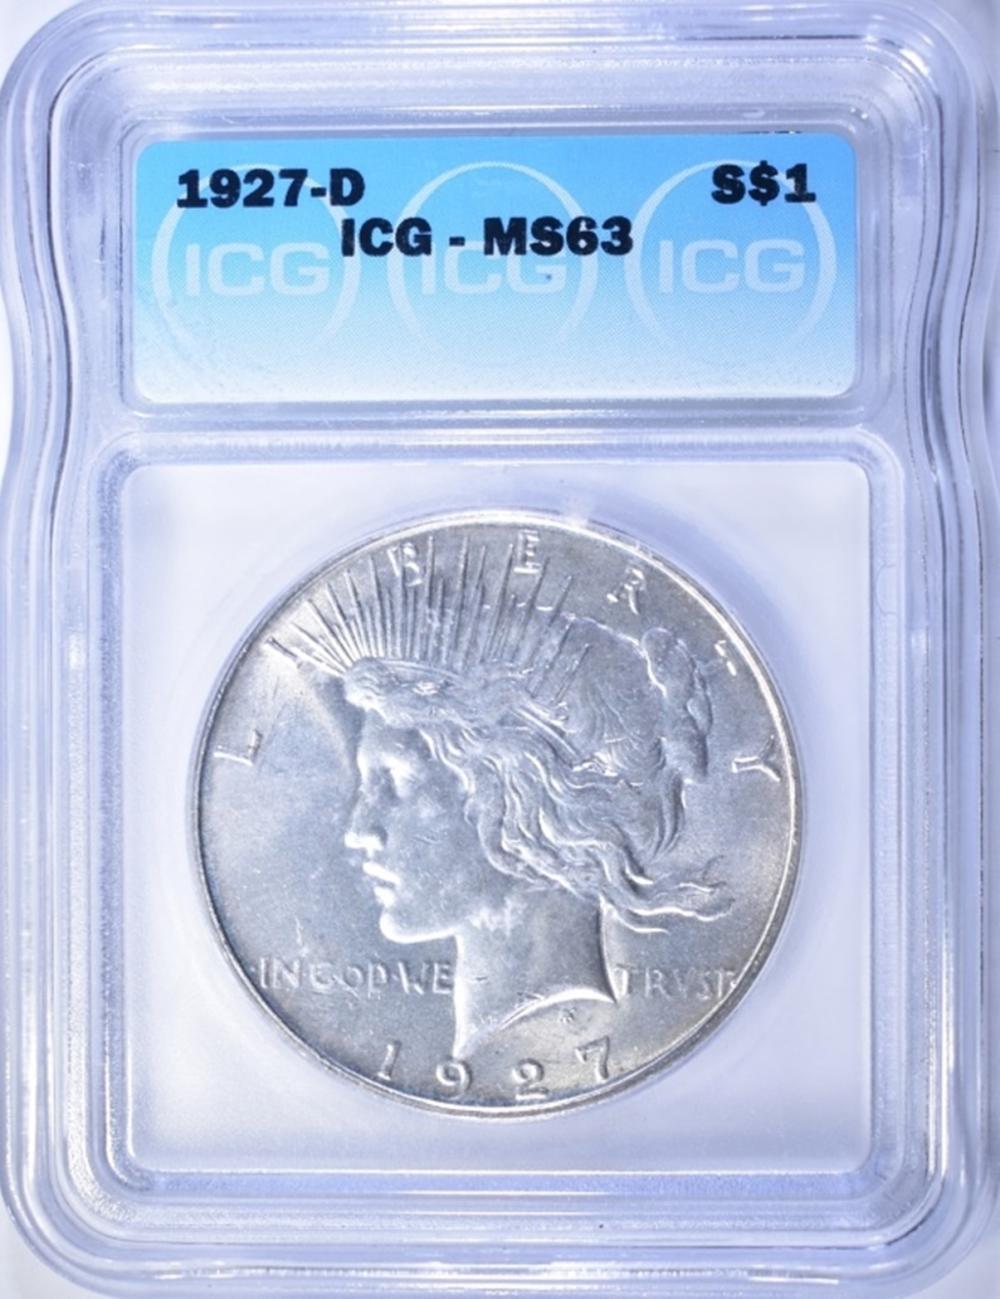 1927-D PEACE DOLLAR  ICG MS-63